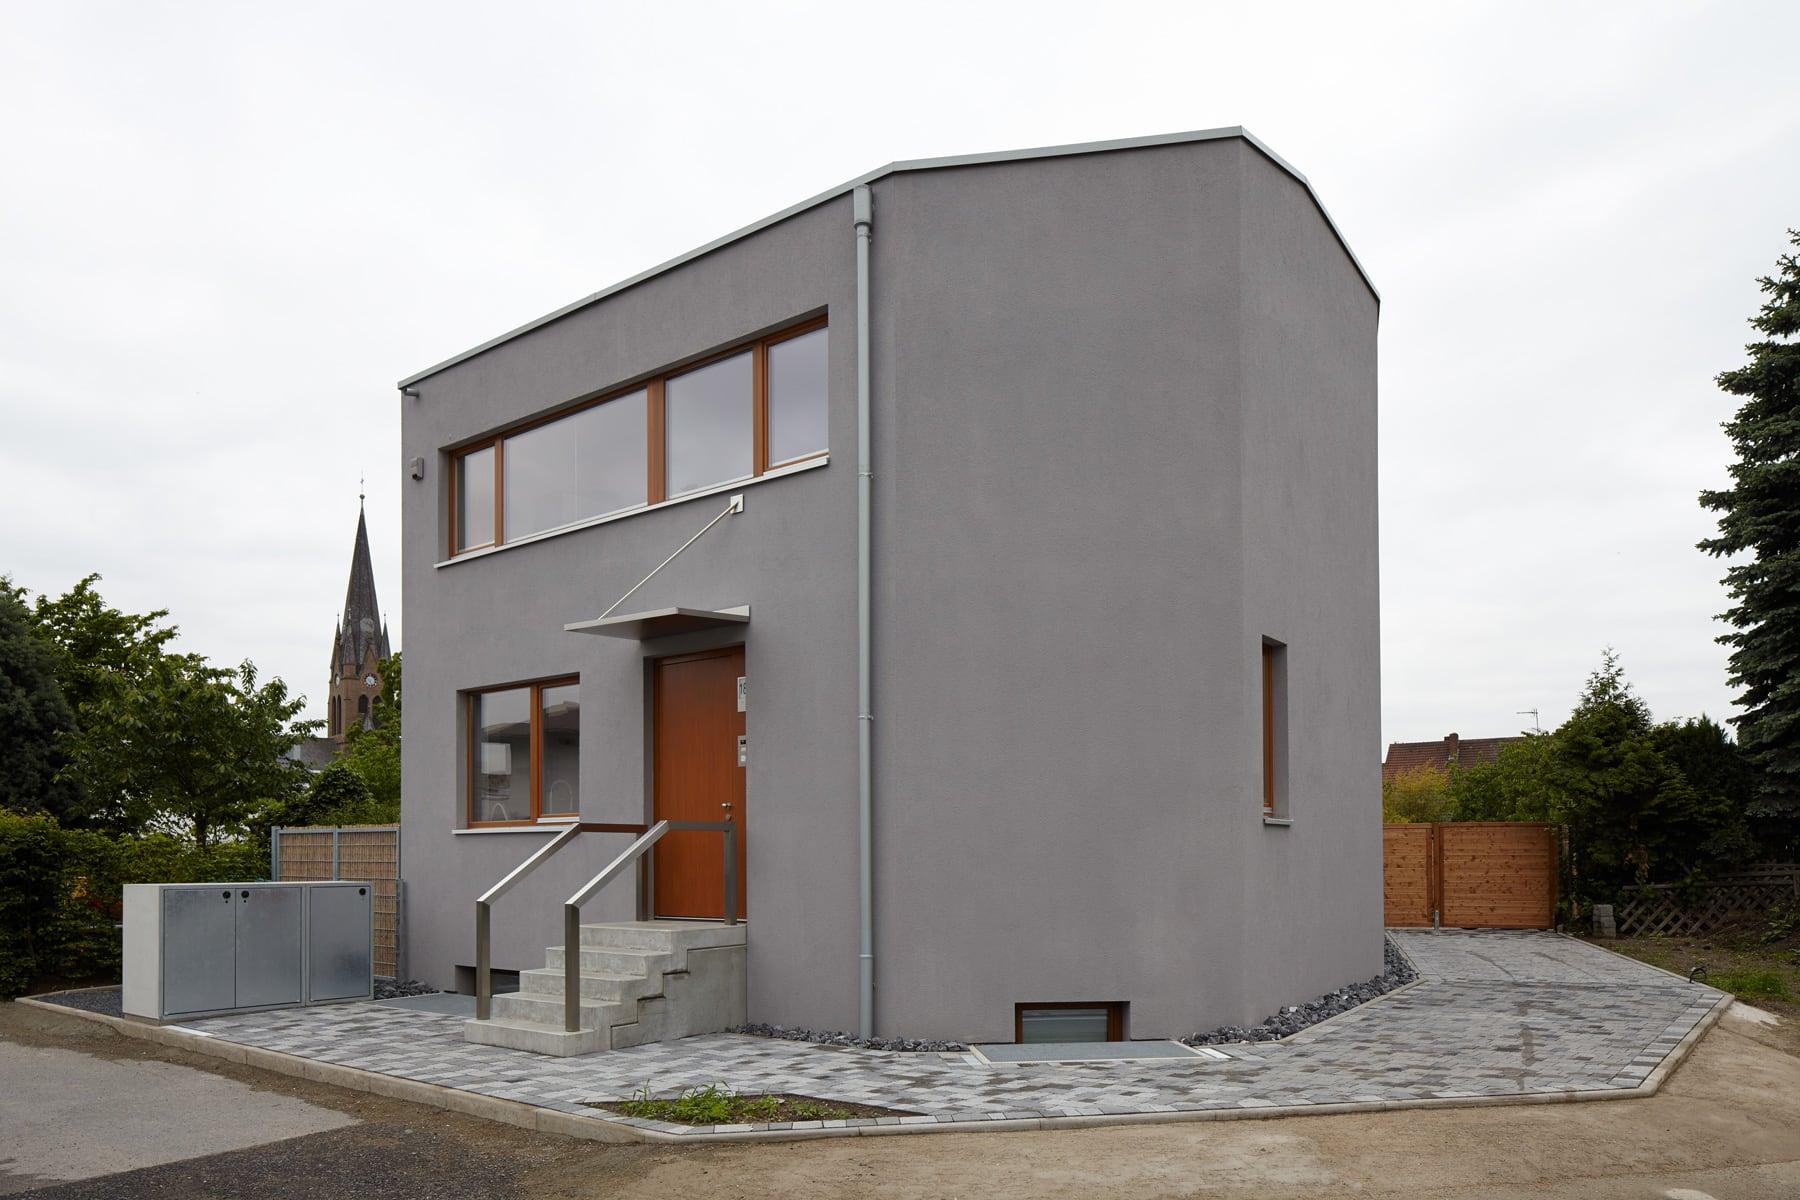 georg d ring architekten d sseldorf einfamilienhaus duisburg. Black Bedroom Furniture Sets. Home Design Ideas